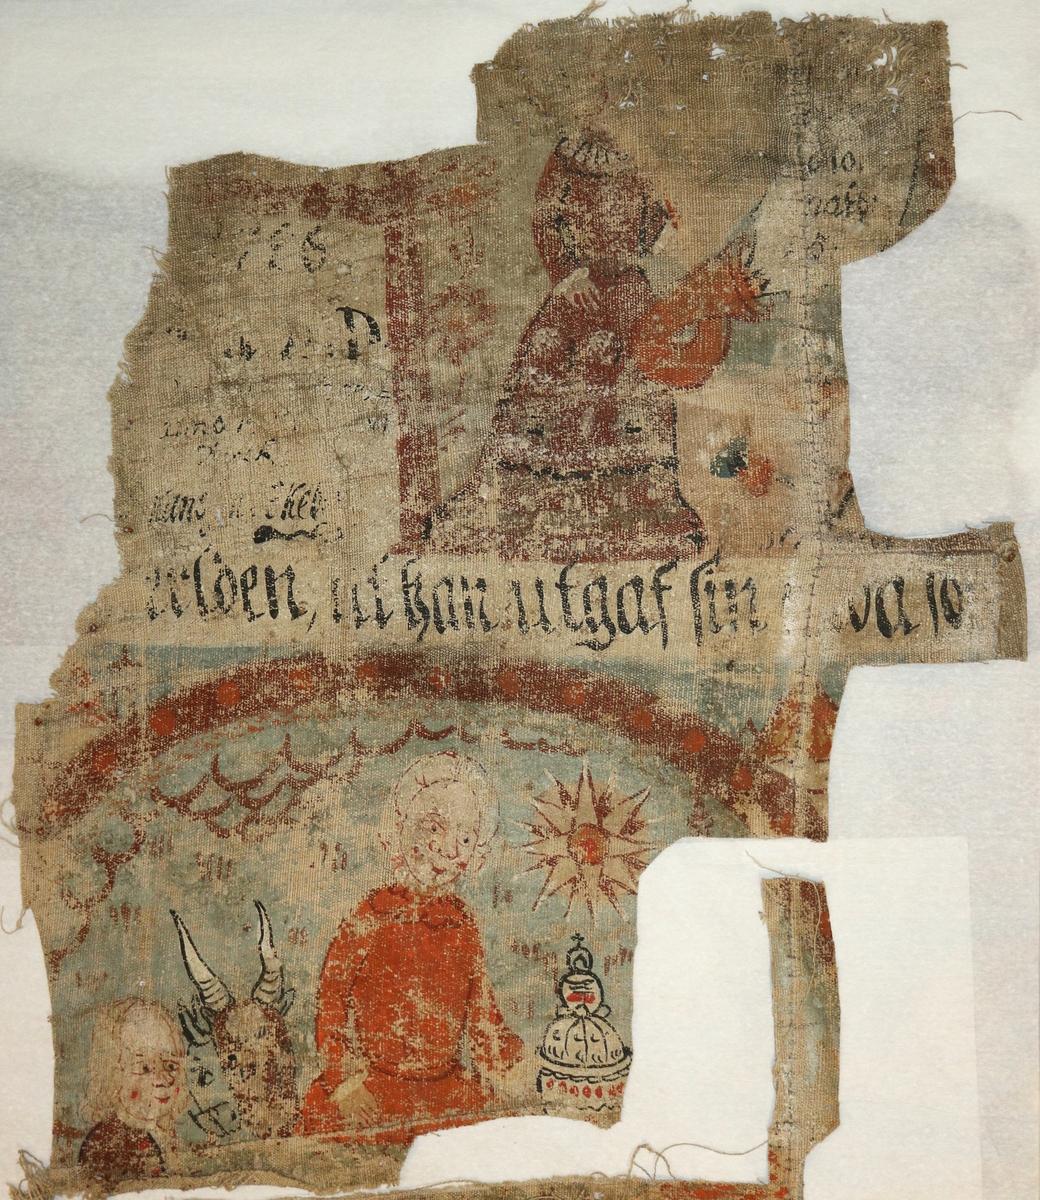 Två fragment av bonadsmålning målad i tempera på linneväv av Clemet Håkansson, Ekeberga, Urshult. Motiv av Jesu födelse inom arkad. Ovanför otydlig datering: 1786 (?). Består av två delar.  Inskrivet i huvudkatalogen 1950.